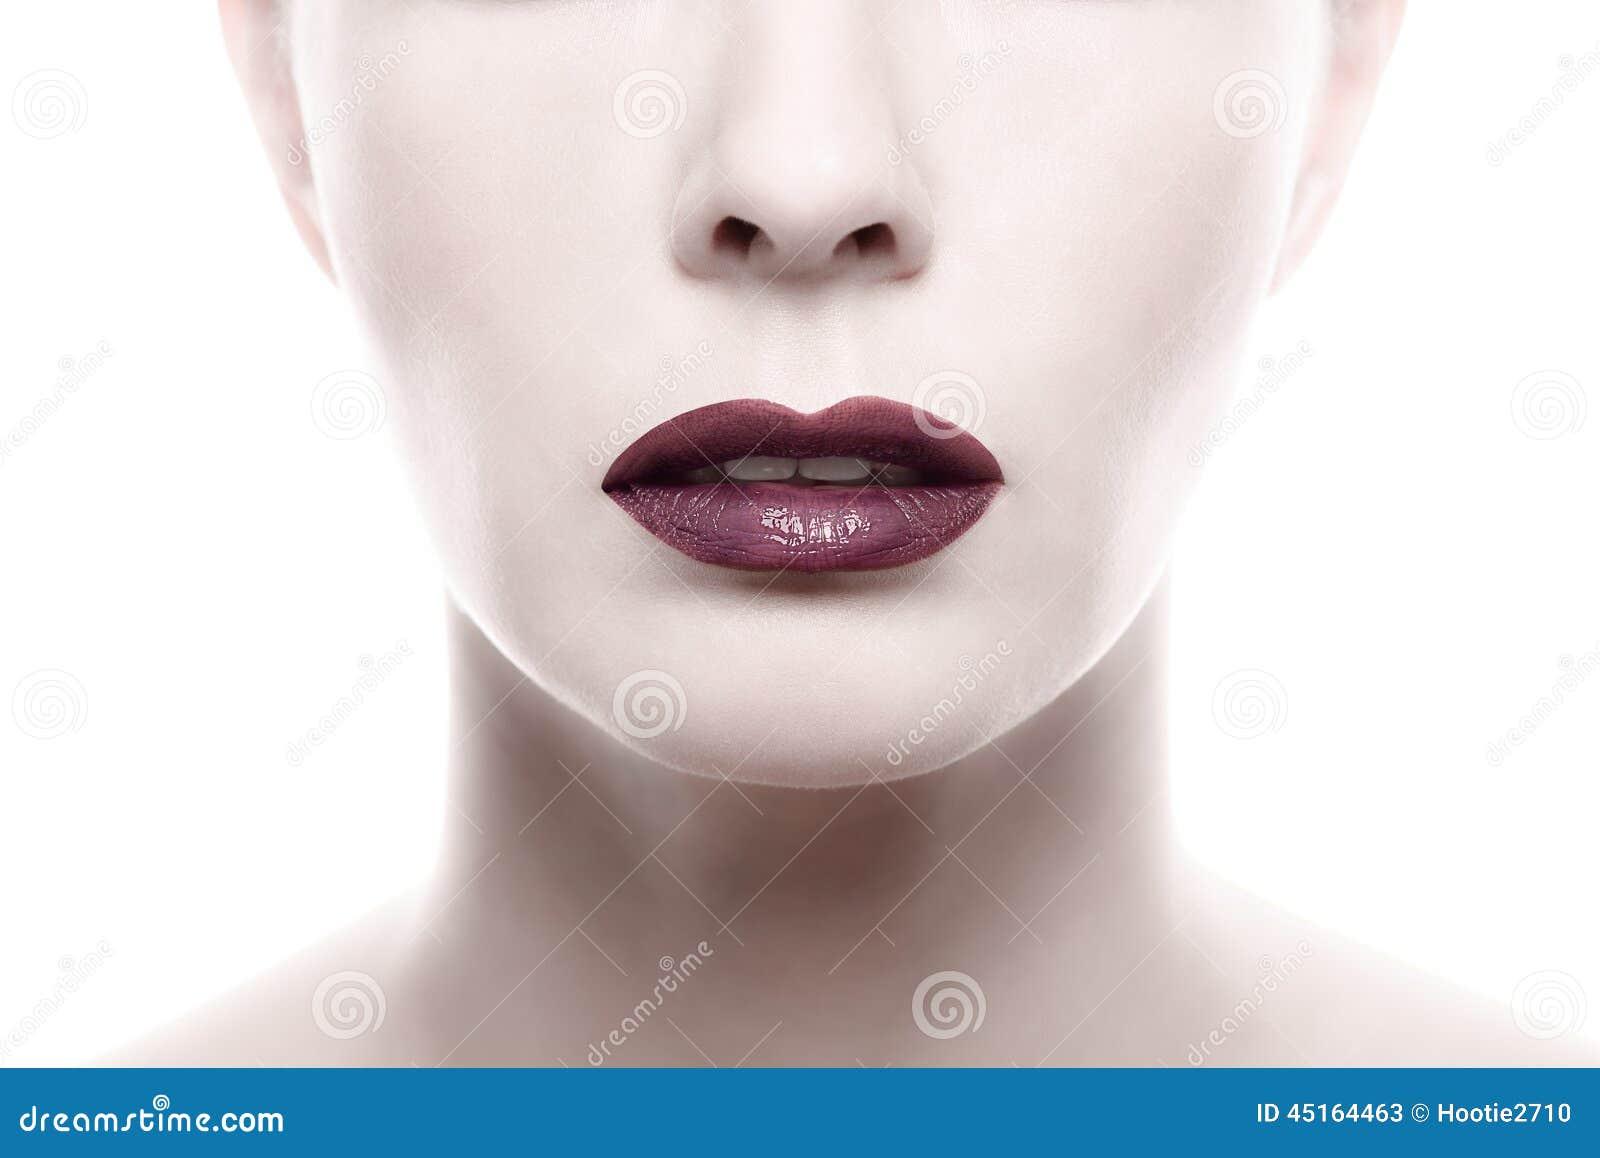 Rouge à lèvres pourpre foncé sur Pale Woman Face